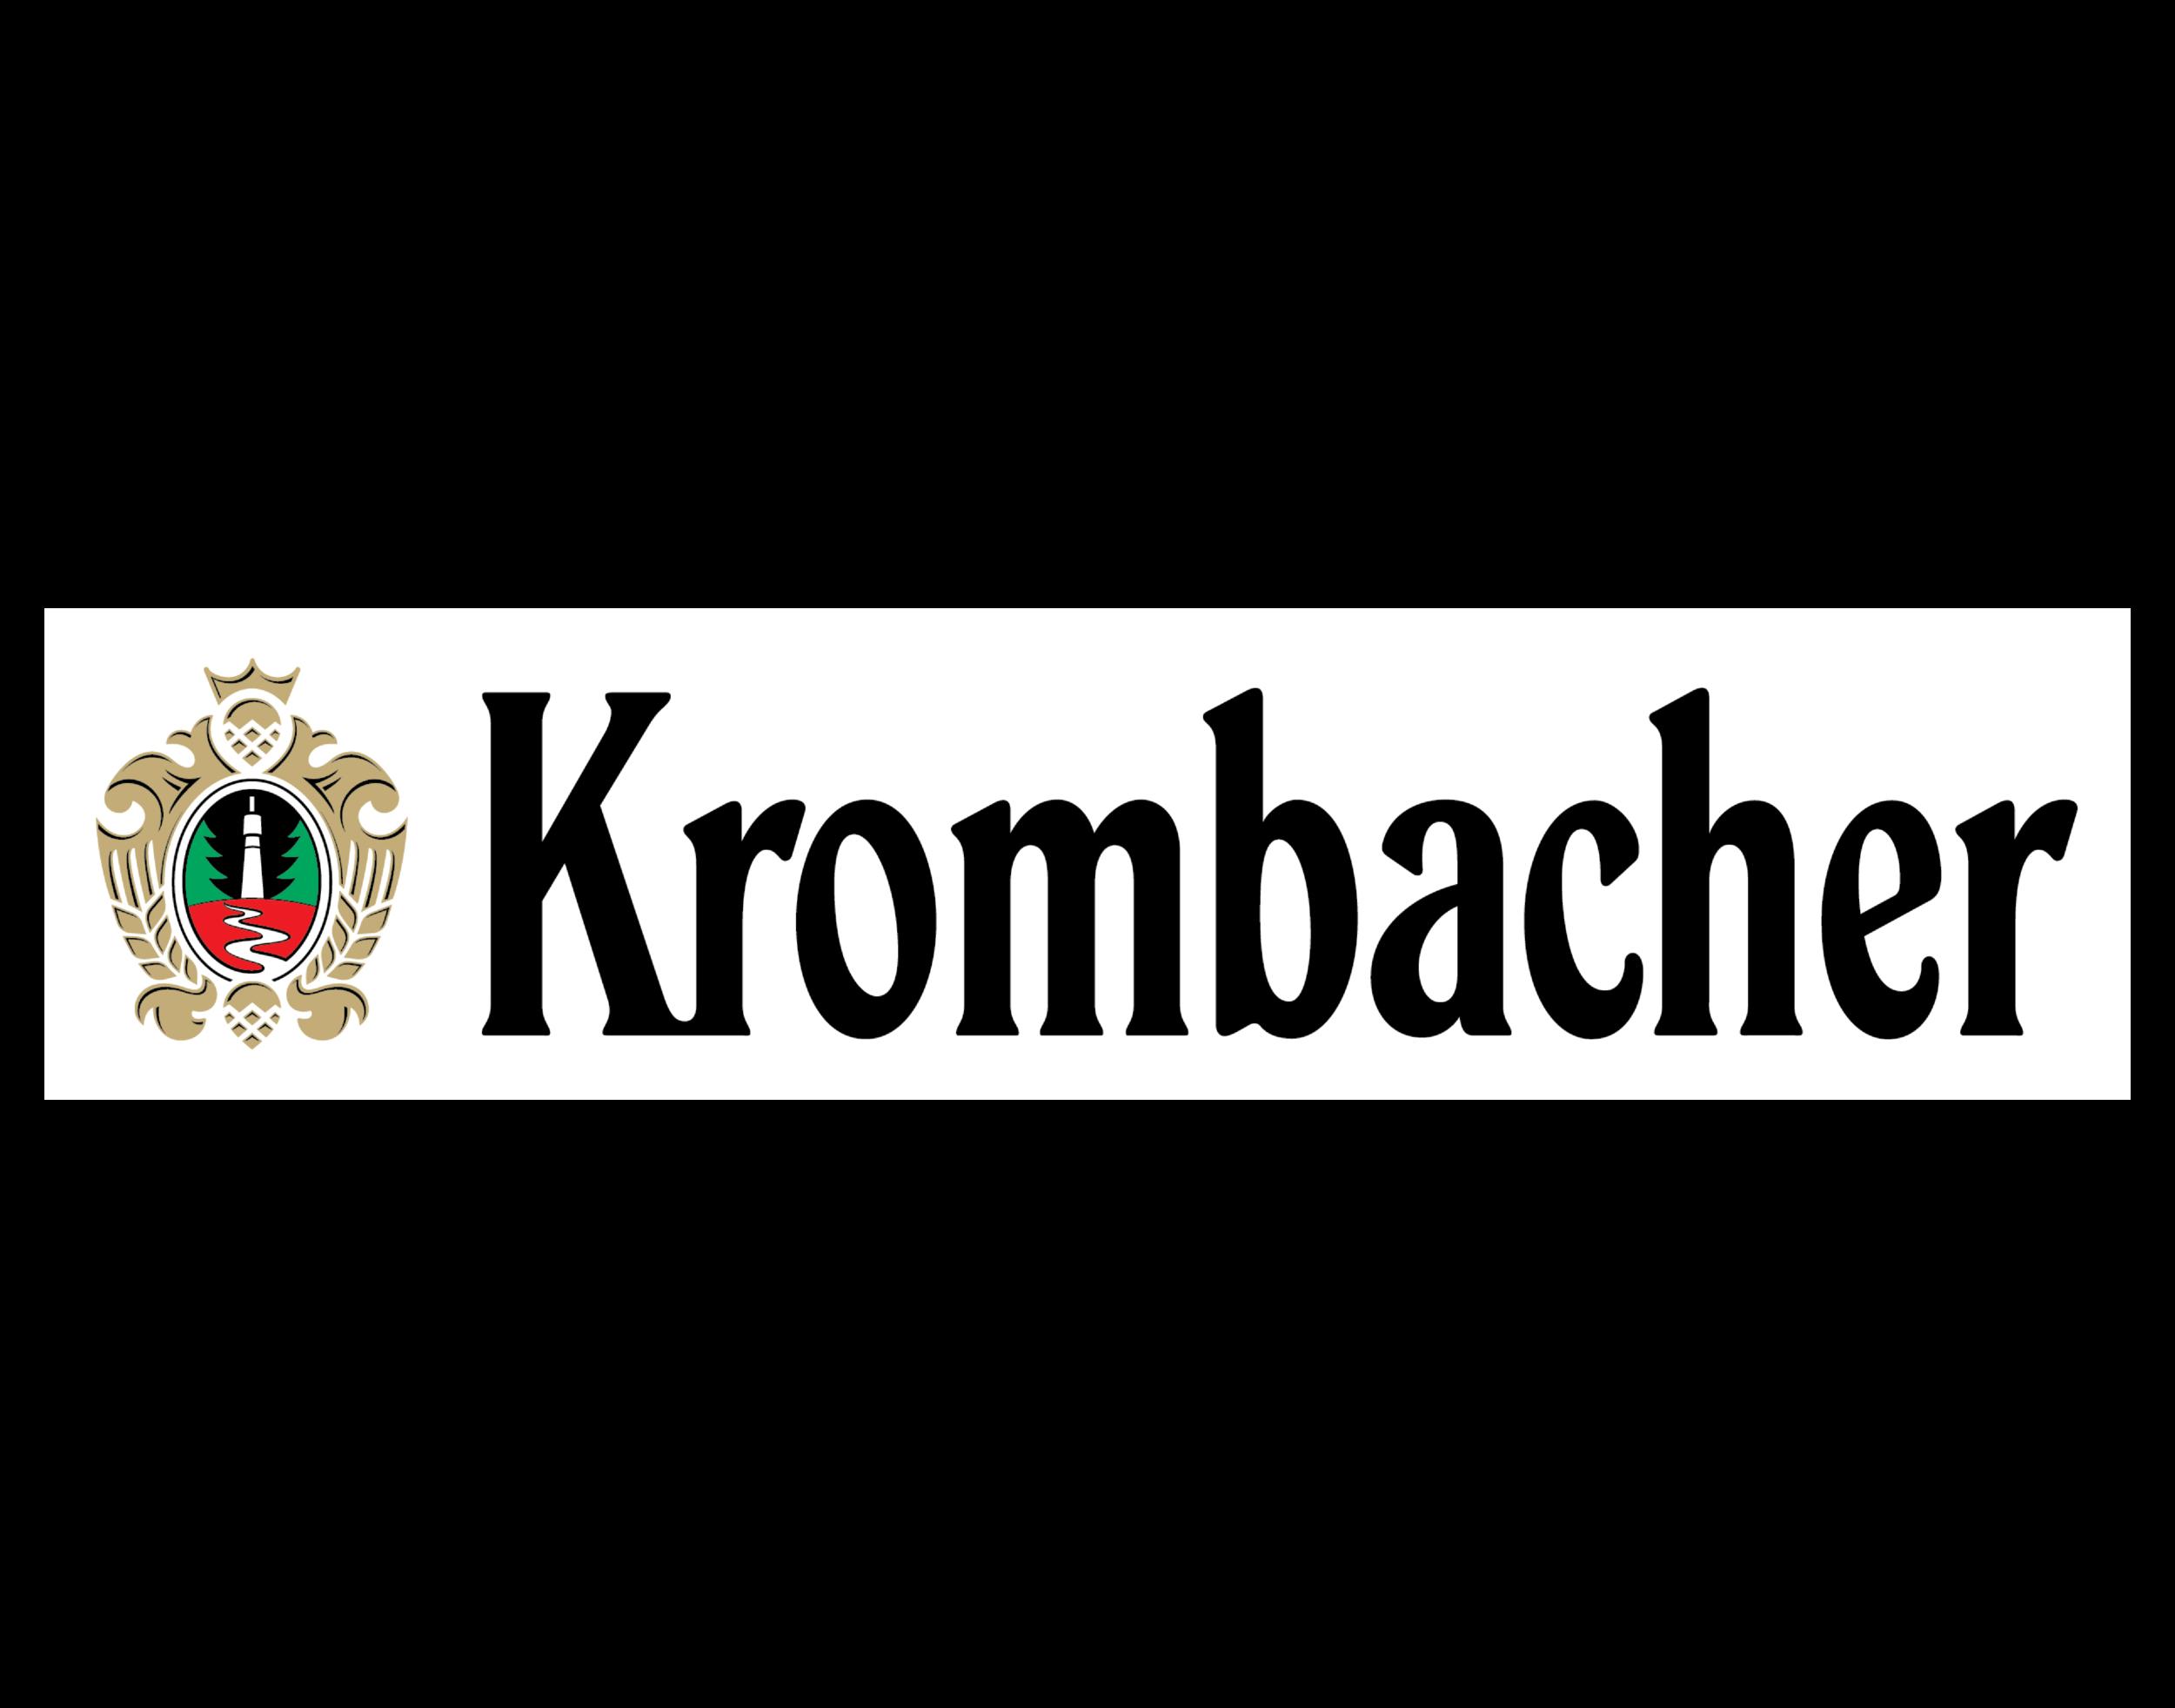 Krombacher logo. Links to Krombacher logo.